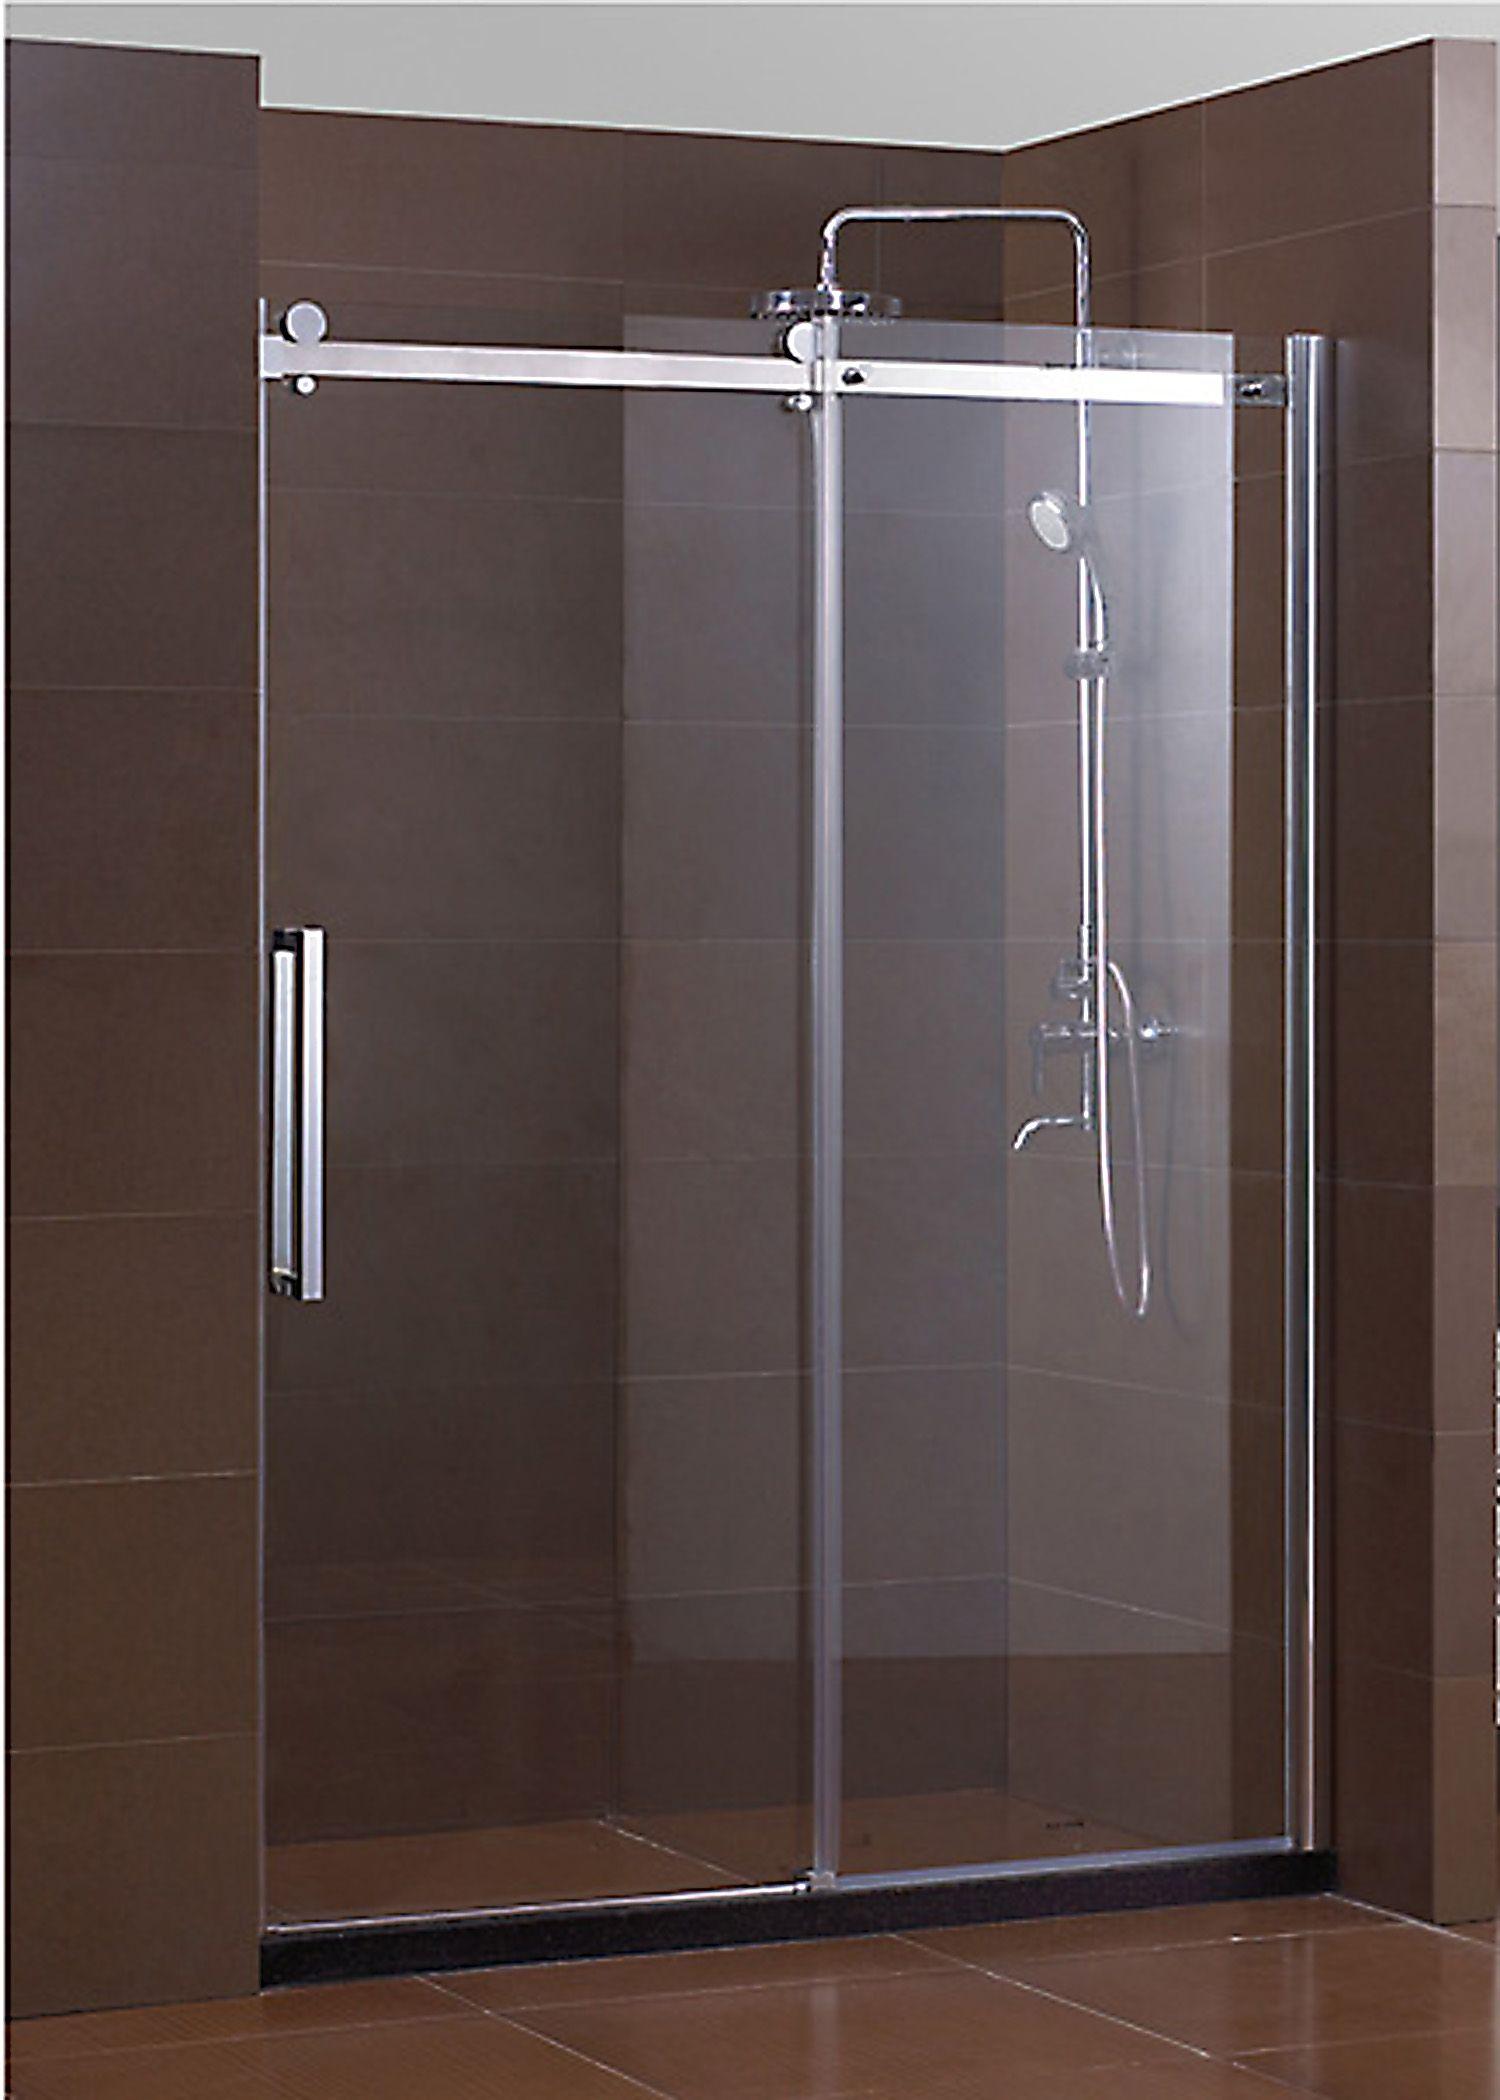 Handles For Large Shower Door Handles Design Ideas Frameless Sliding Shower Doors Shower Sliding Glass Door Glass Shower Doors Frameless